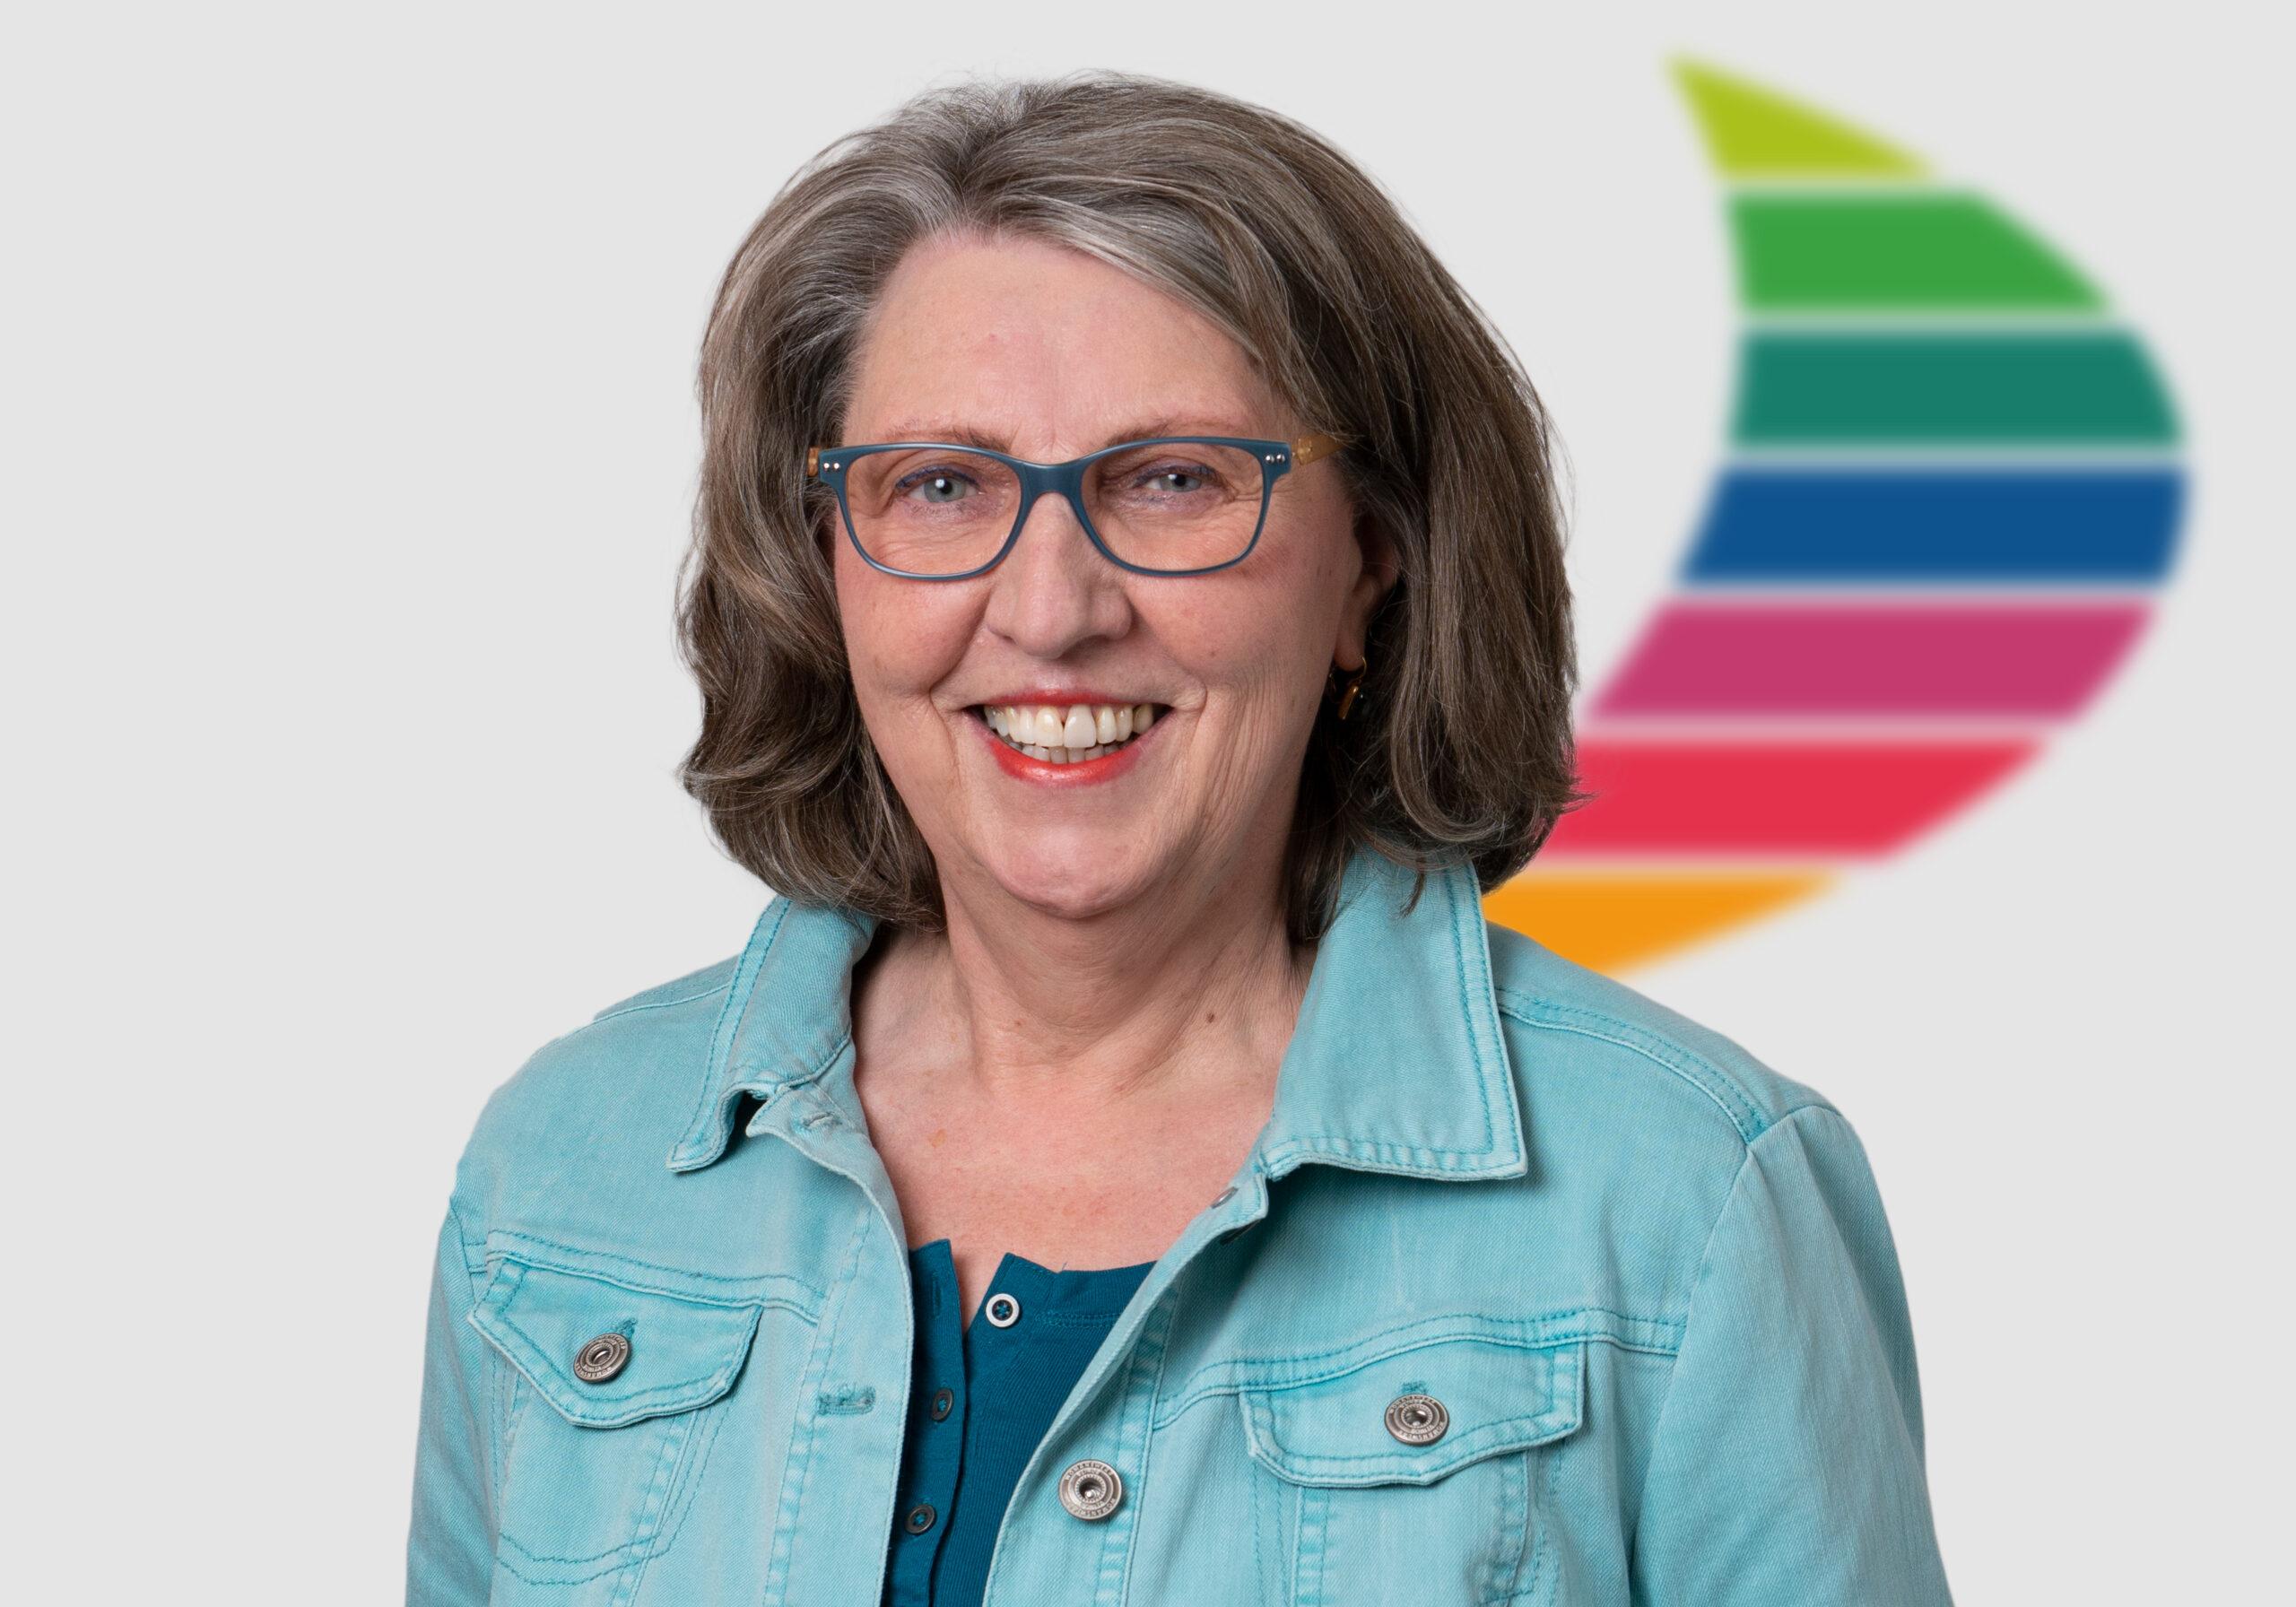 Gleichberechtigung im Berufsleben – Dafür setzt sich Susanne Klein ein. Das Portraitfoto zeigt sie lächelnd und mit Brille in einem dunkelblauen Top, darüber ein hellblaues Jeanshemd. Sie trägt schulterlange grau-melierte Haare. Im Hintergrund erscheint das buntgefärbte Logo von AKQUINET, Foto: AKQUINET.